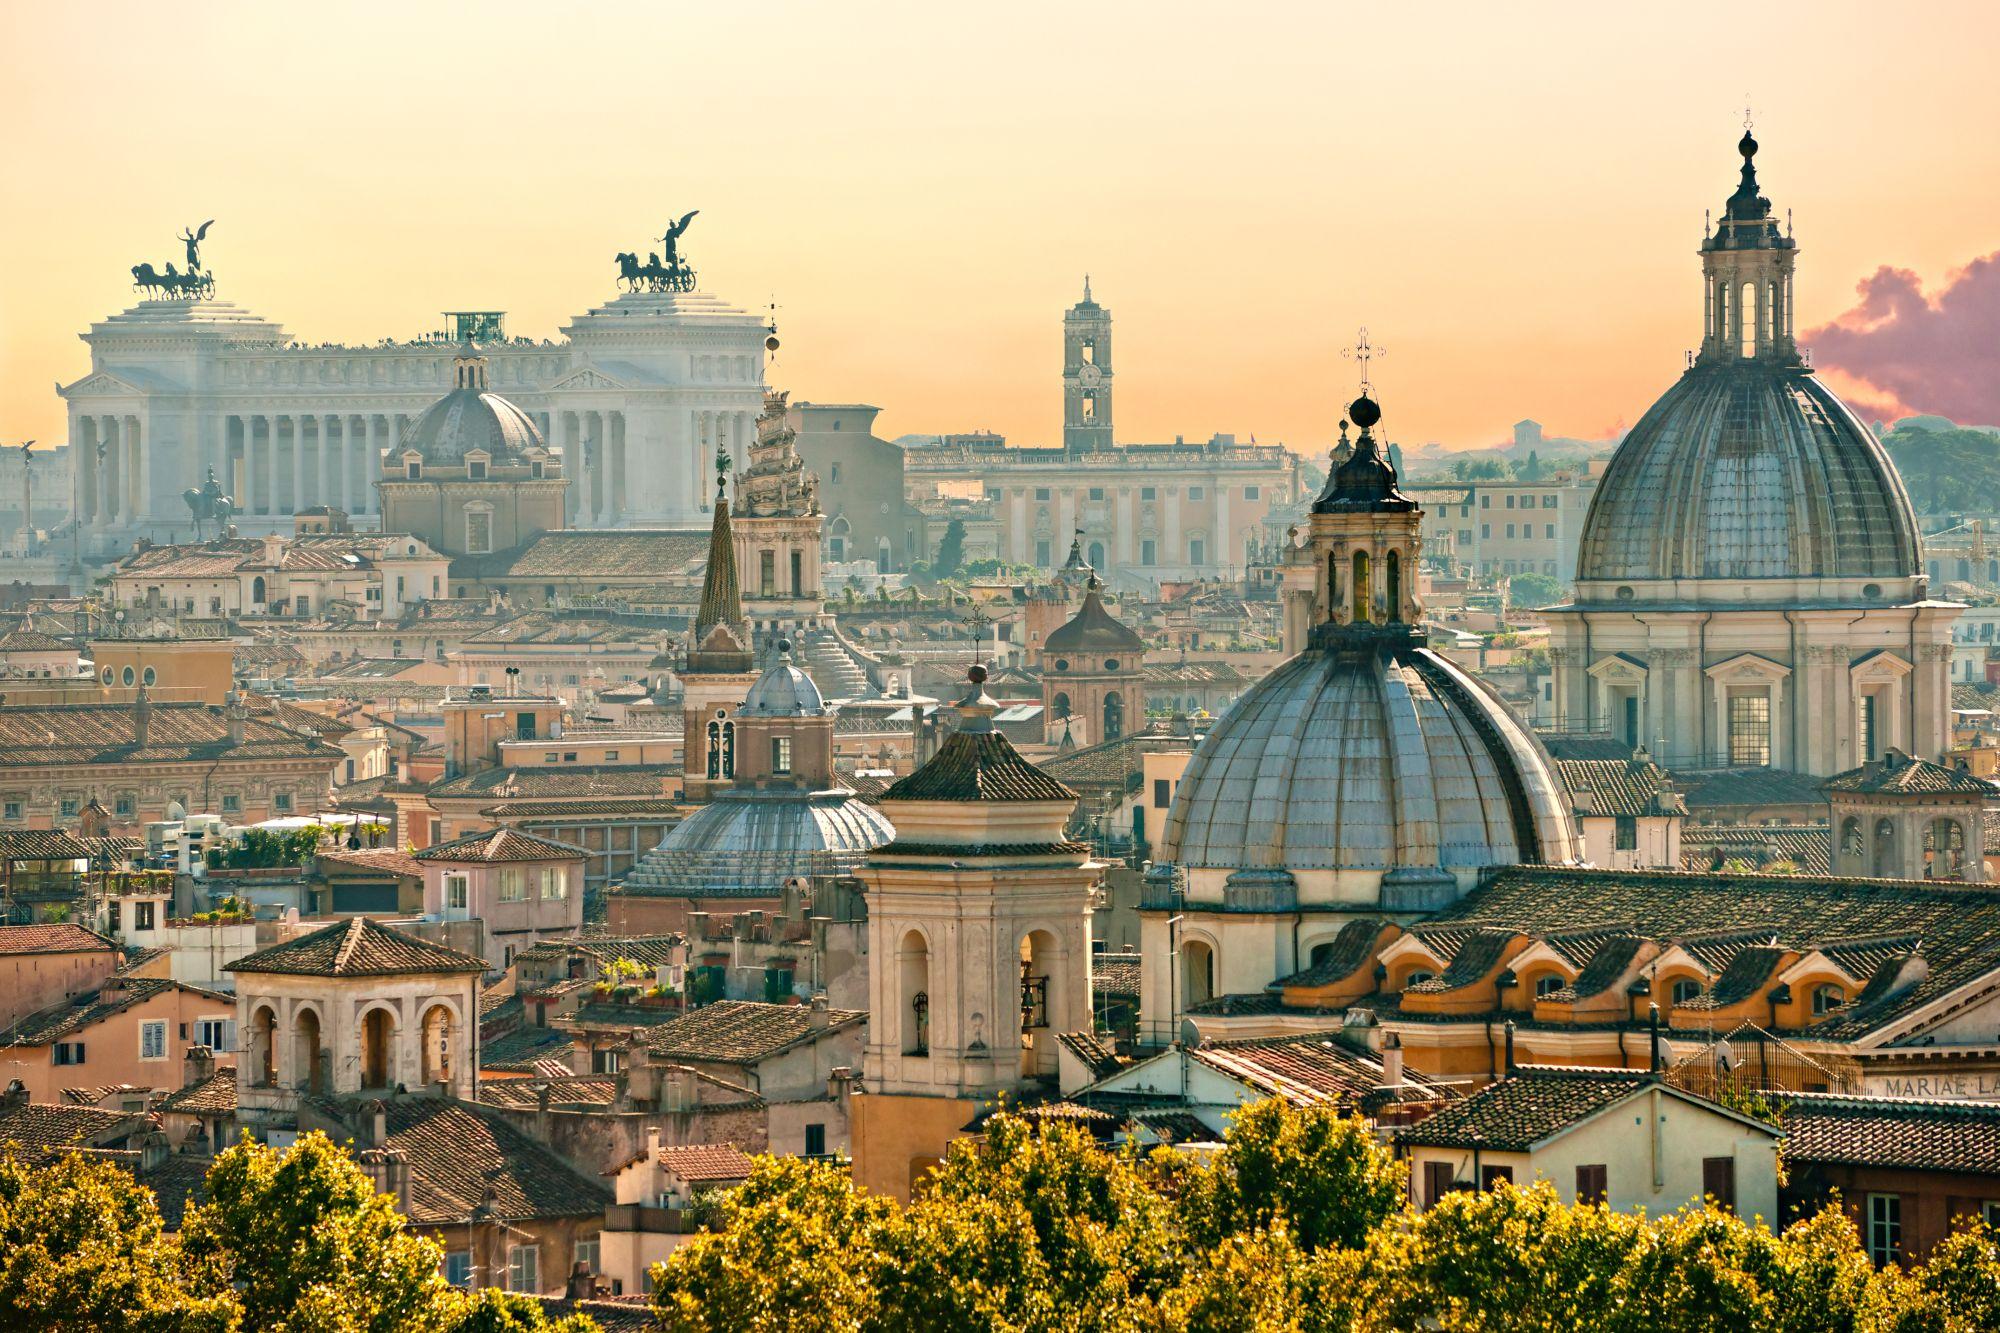 Rzym widok miasta